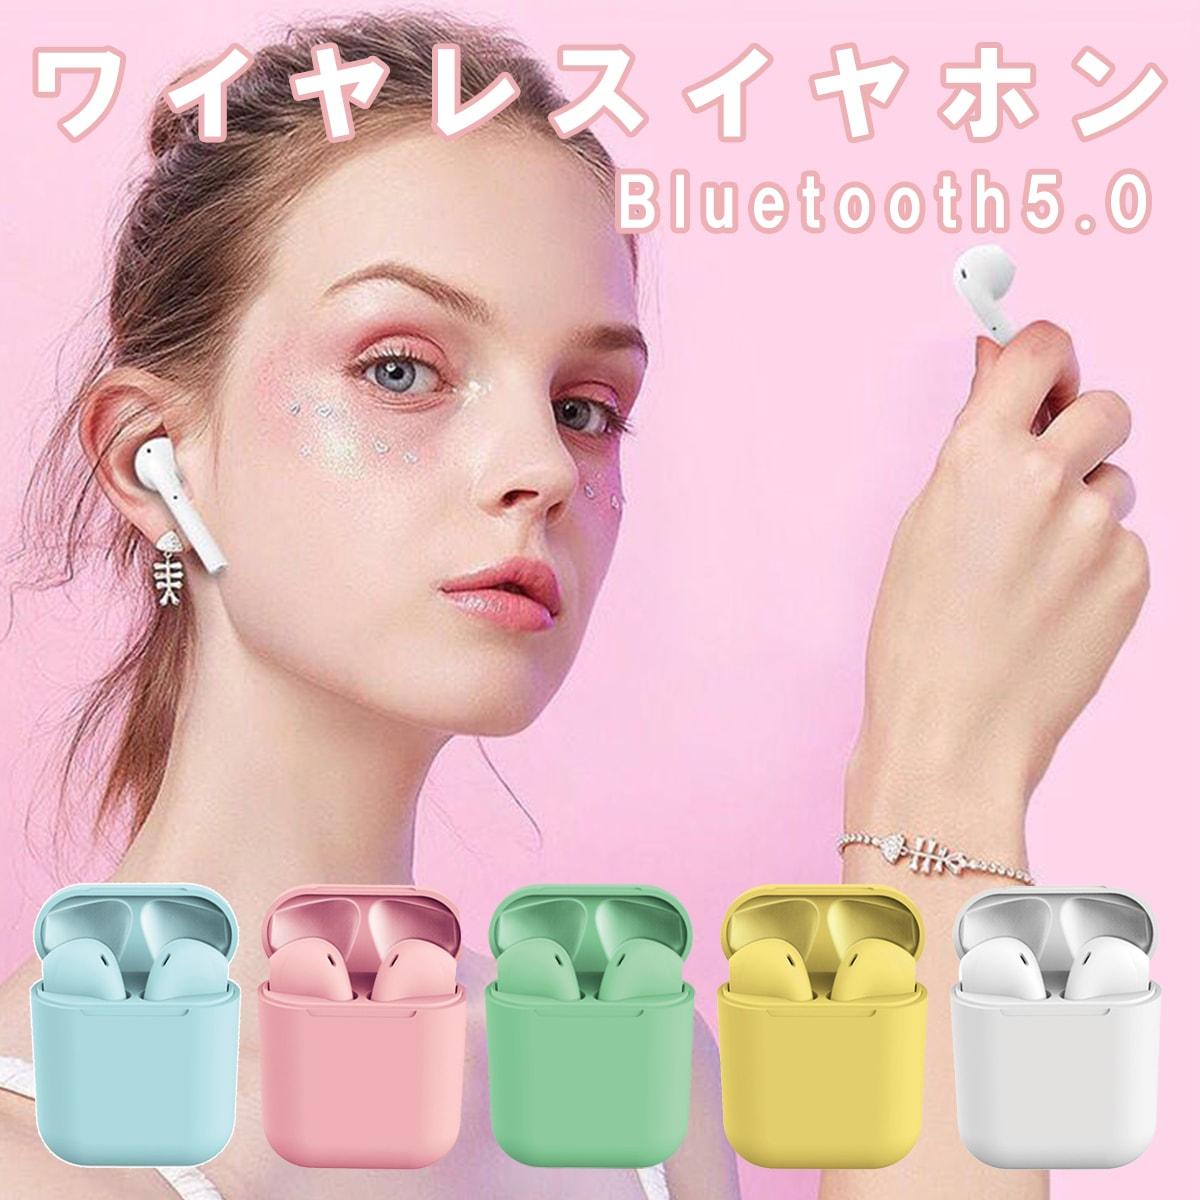 【日本語説明書付】2020年最新モデル登場! マカロンワイヤレスイヤホン Bluetooth5.0 マカロン色全8色 高音質/両耳対応/超軽量 タッチ操作 大容量充電